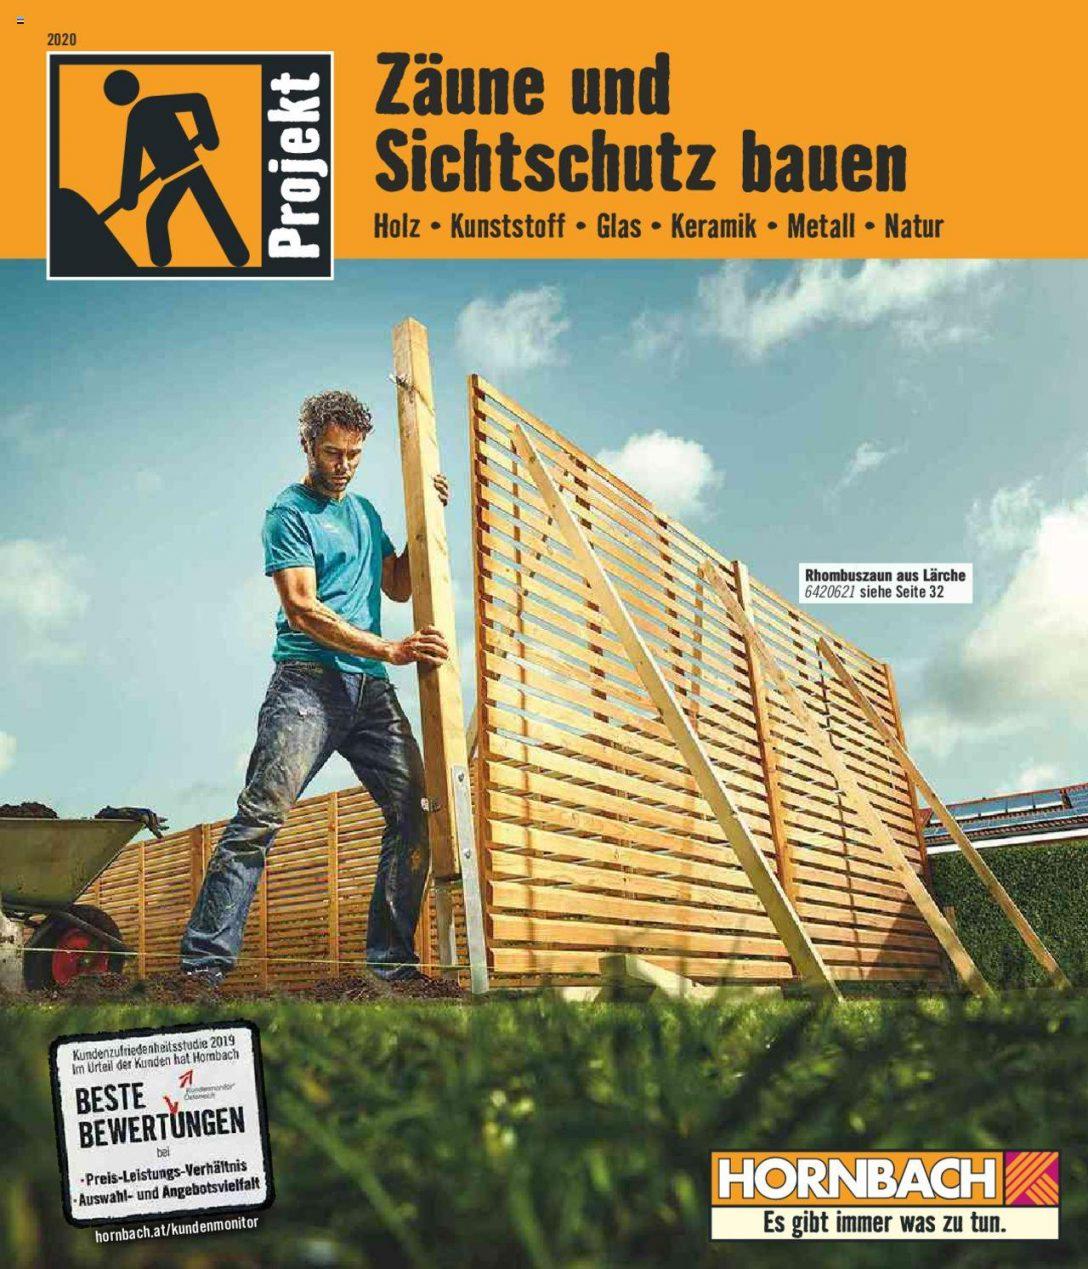 Large Size of Hornbach Sichtschutz Flugblatt Angebote 02032020 23042020 Fenster Garten Holz Für Sichtschutzfolie Einseitig Durchsichtig Im Sichtschutzfolien Wpc Wohnzimmer Hornbach Sichtschutz